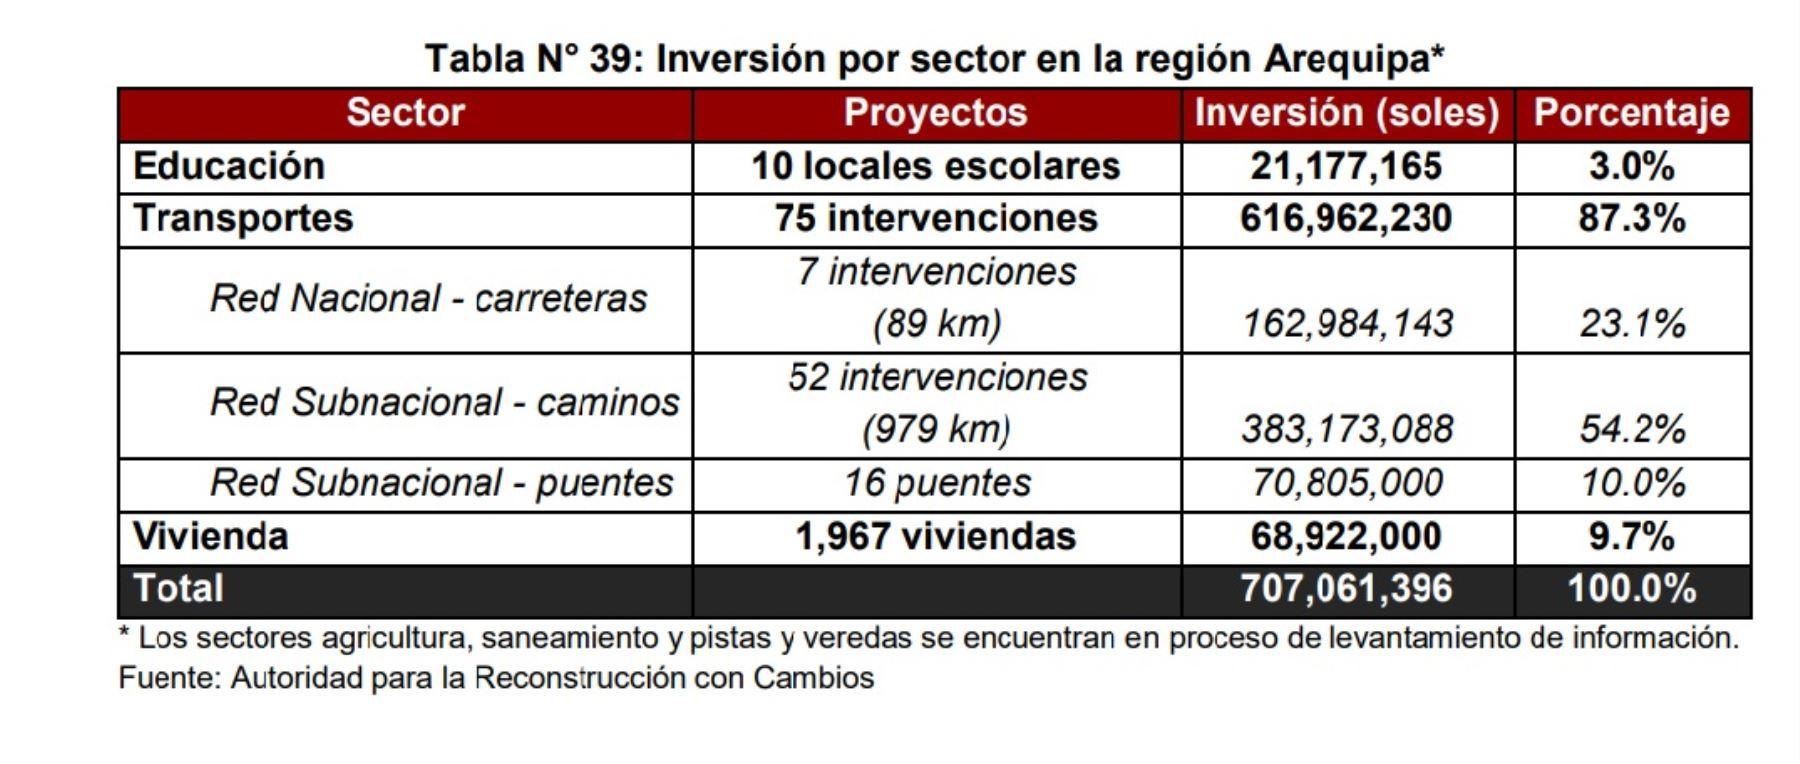 Inversión por sector en la región Arequipa